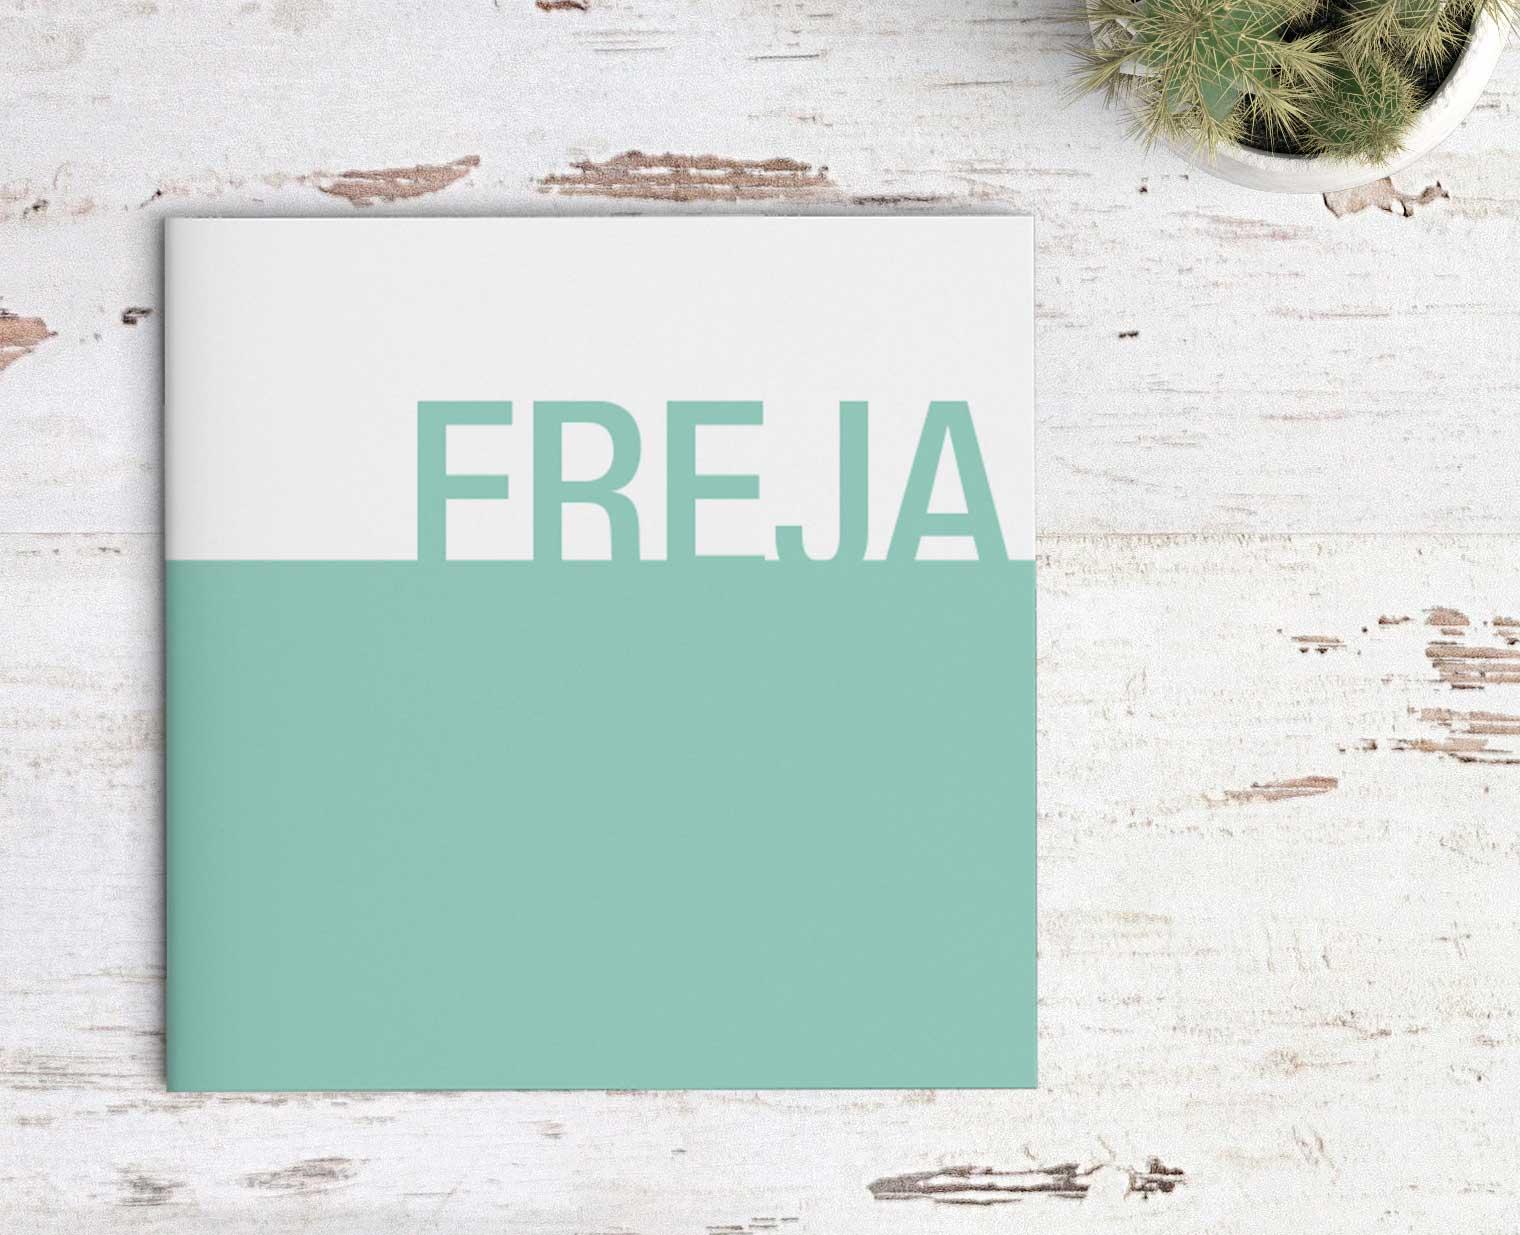 Populaire Deense naam op geboortekaartje, Freja, met abstract ontwerp